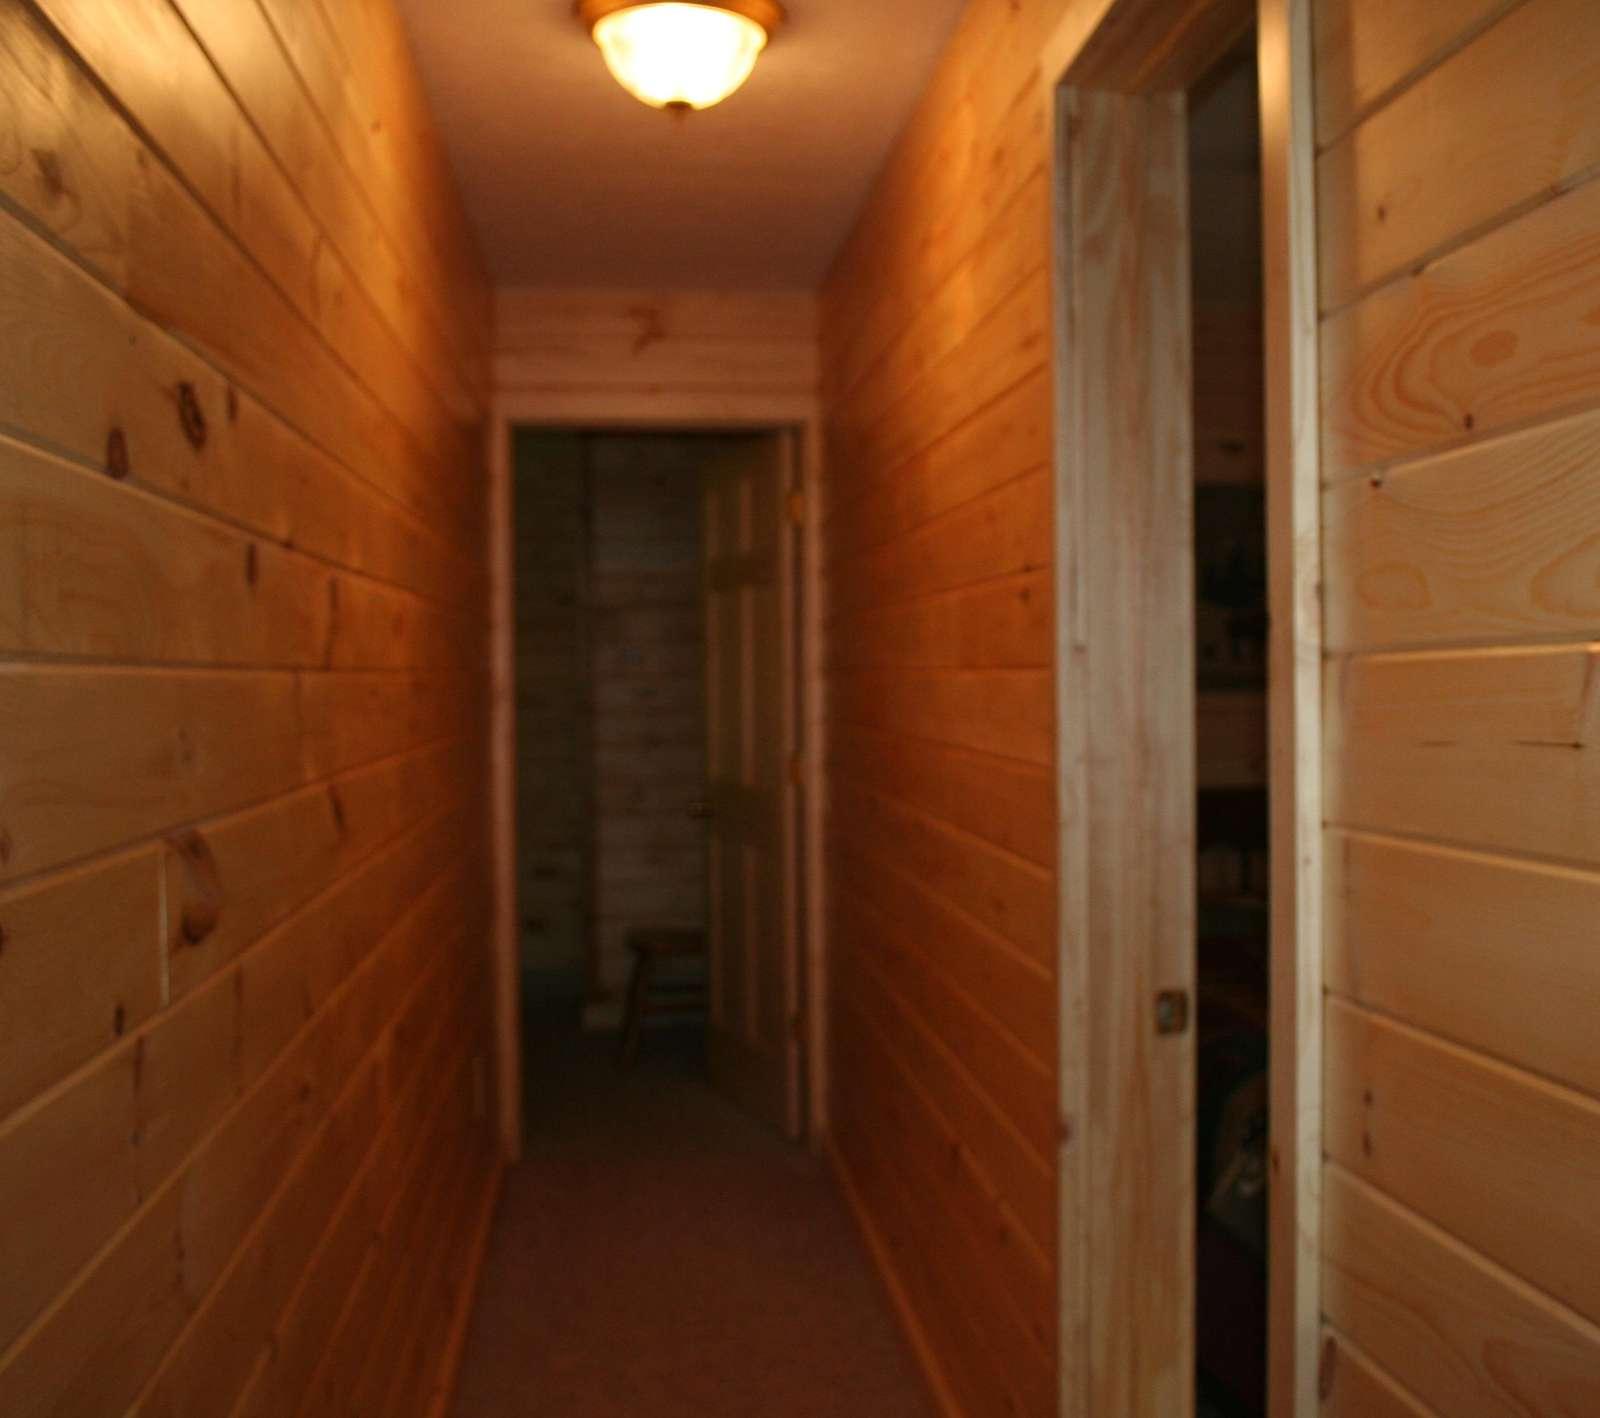 Hallway past 2nd Bedroom to 3rd Bedroom